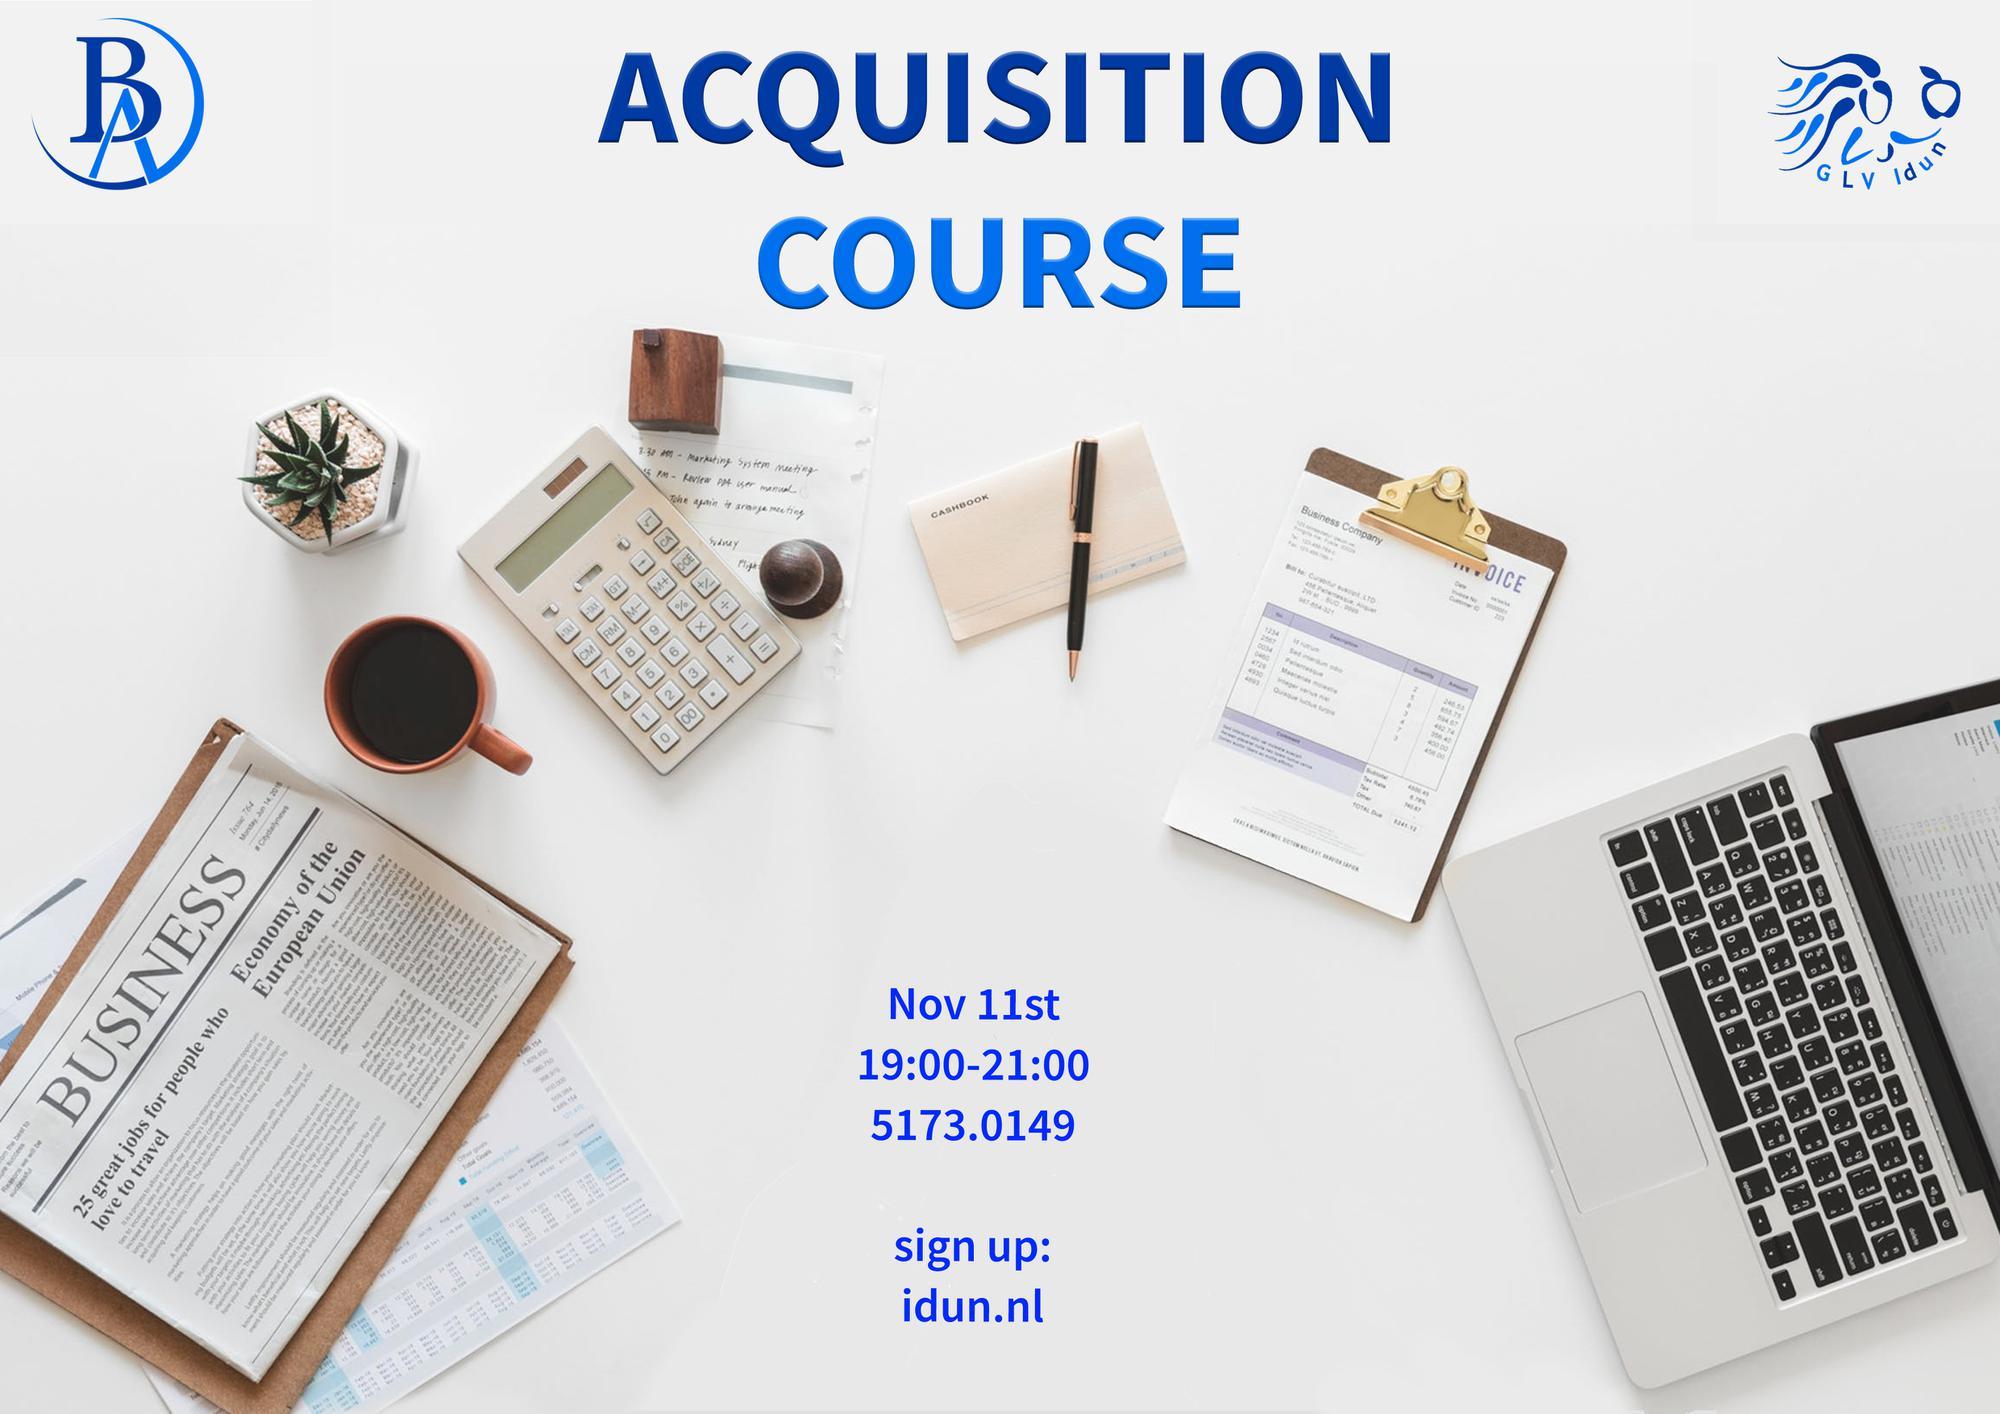 Acquisition Course